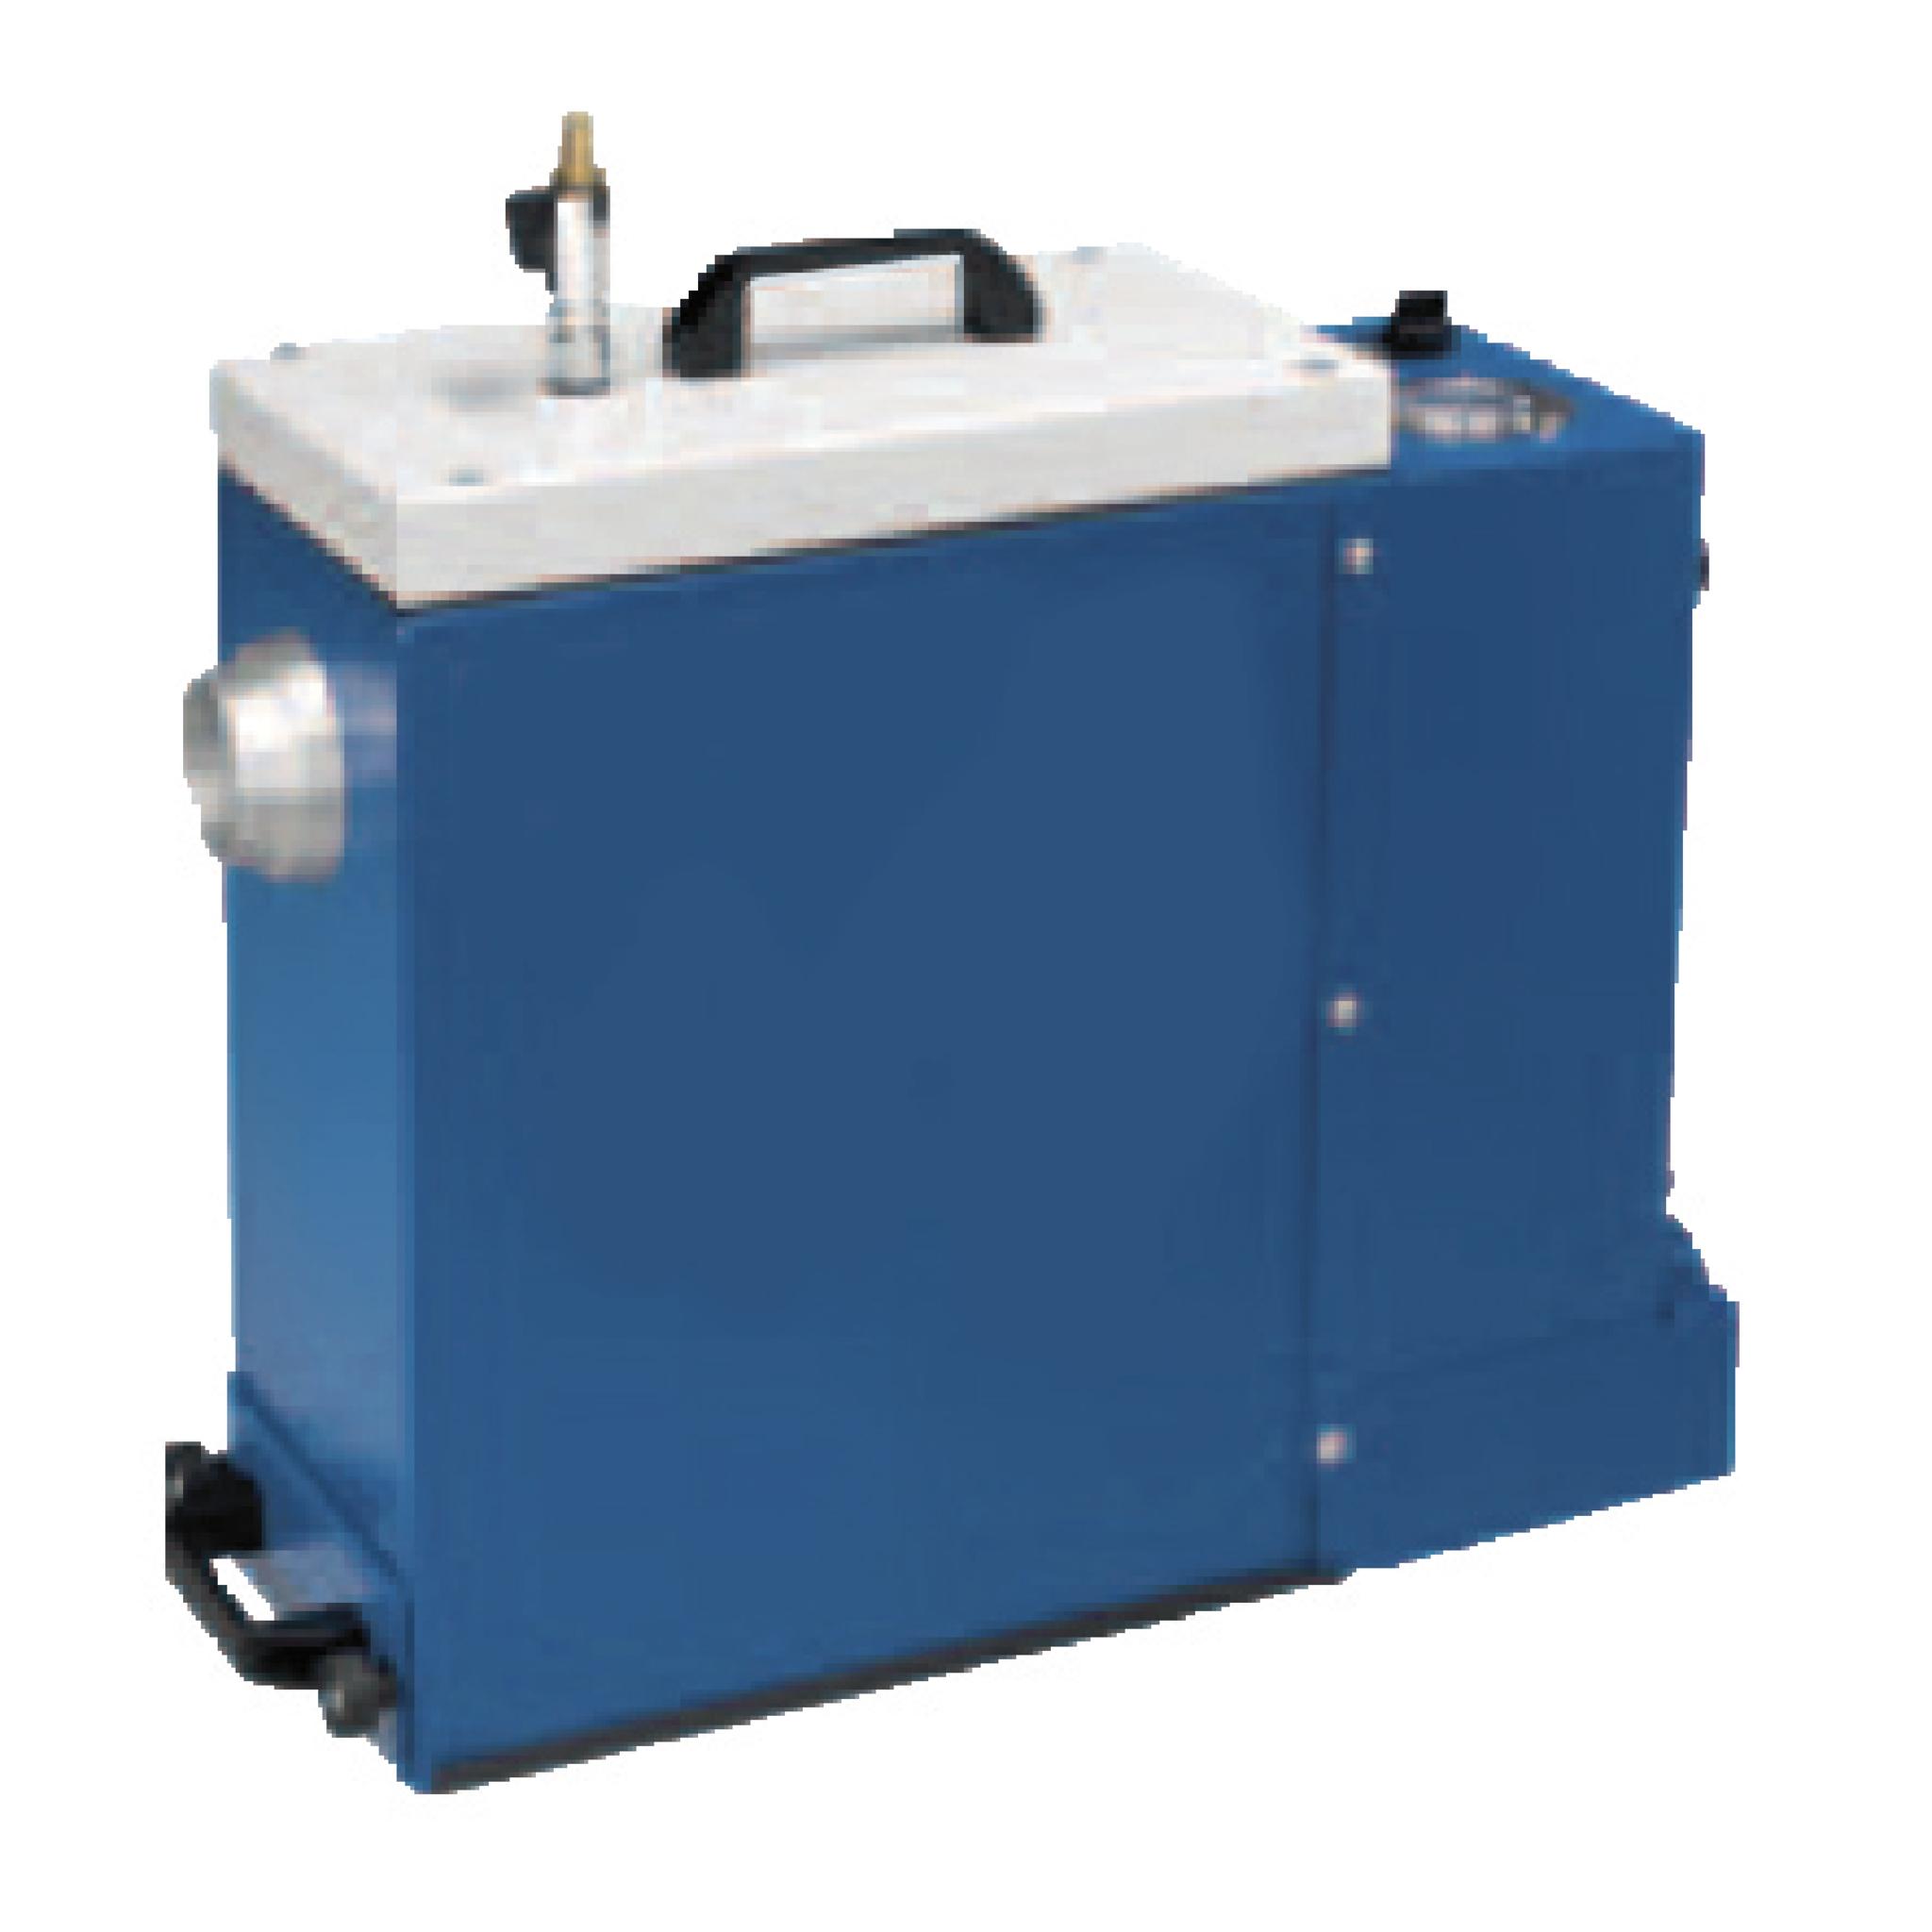 Mobili automatinė dūmų ištraukimo sistema FE200